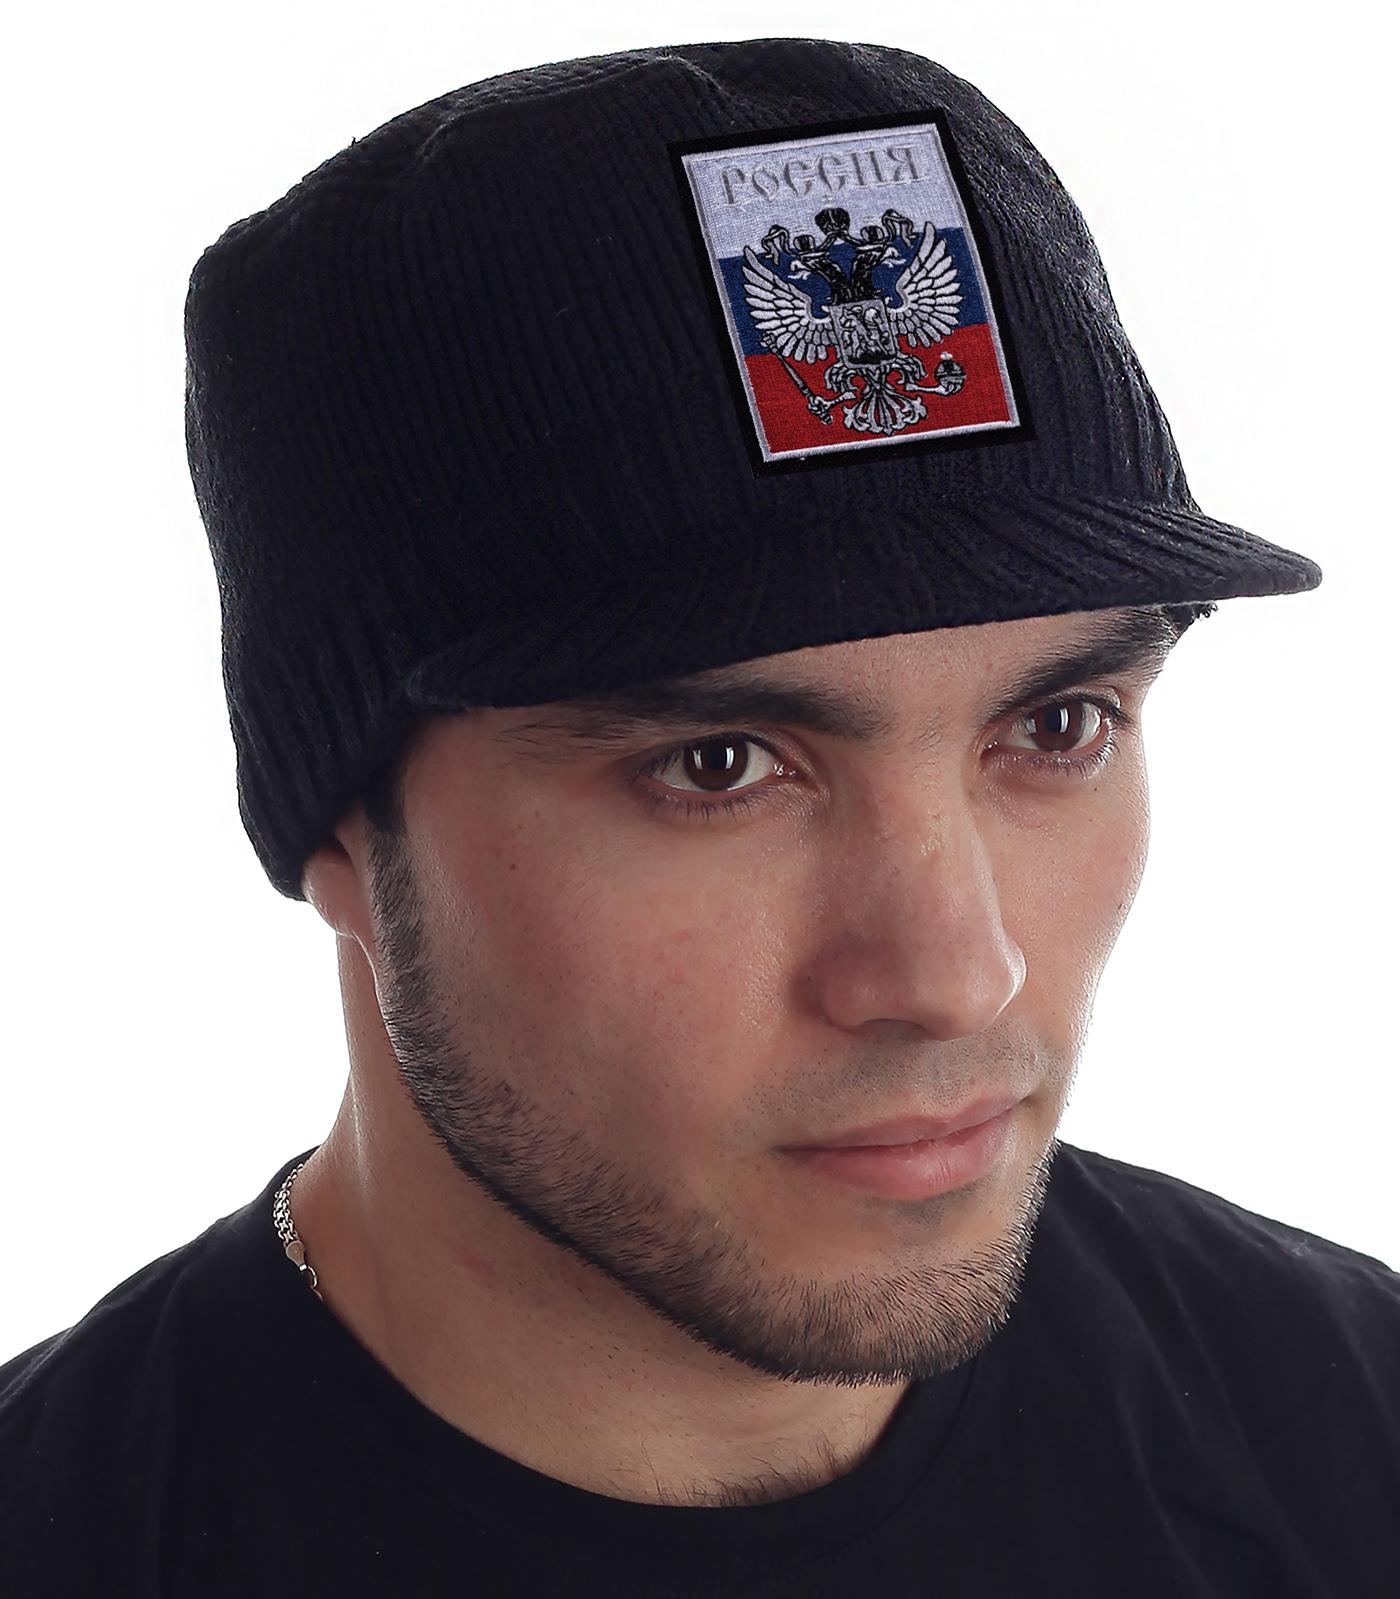 Купить теплую шапку мужчине – коллекция Miller Way вас впечатлит